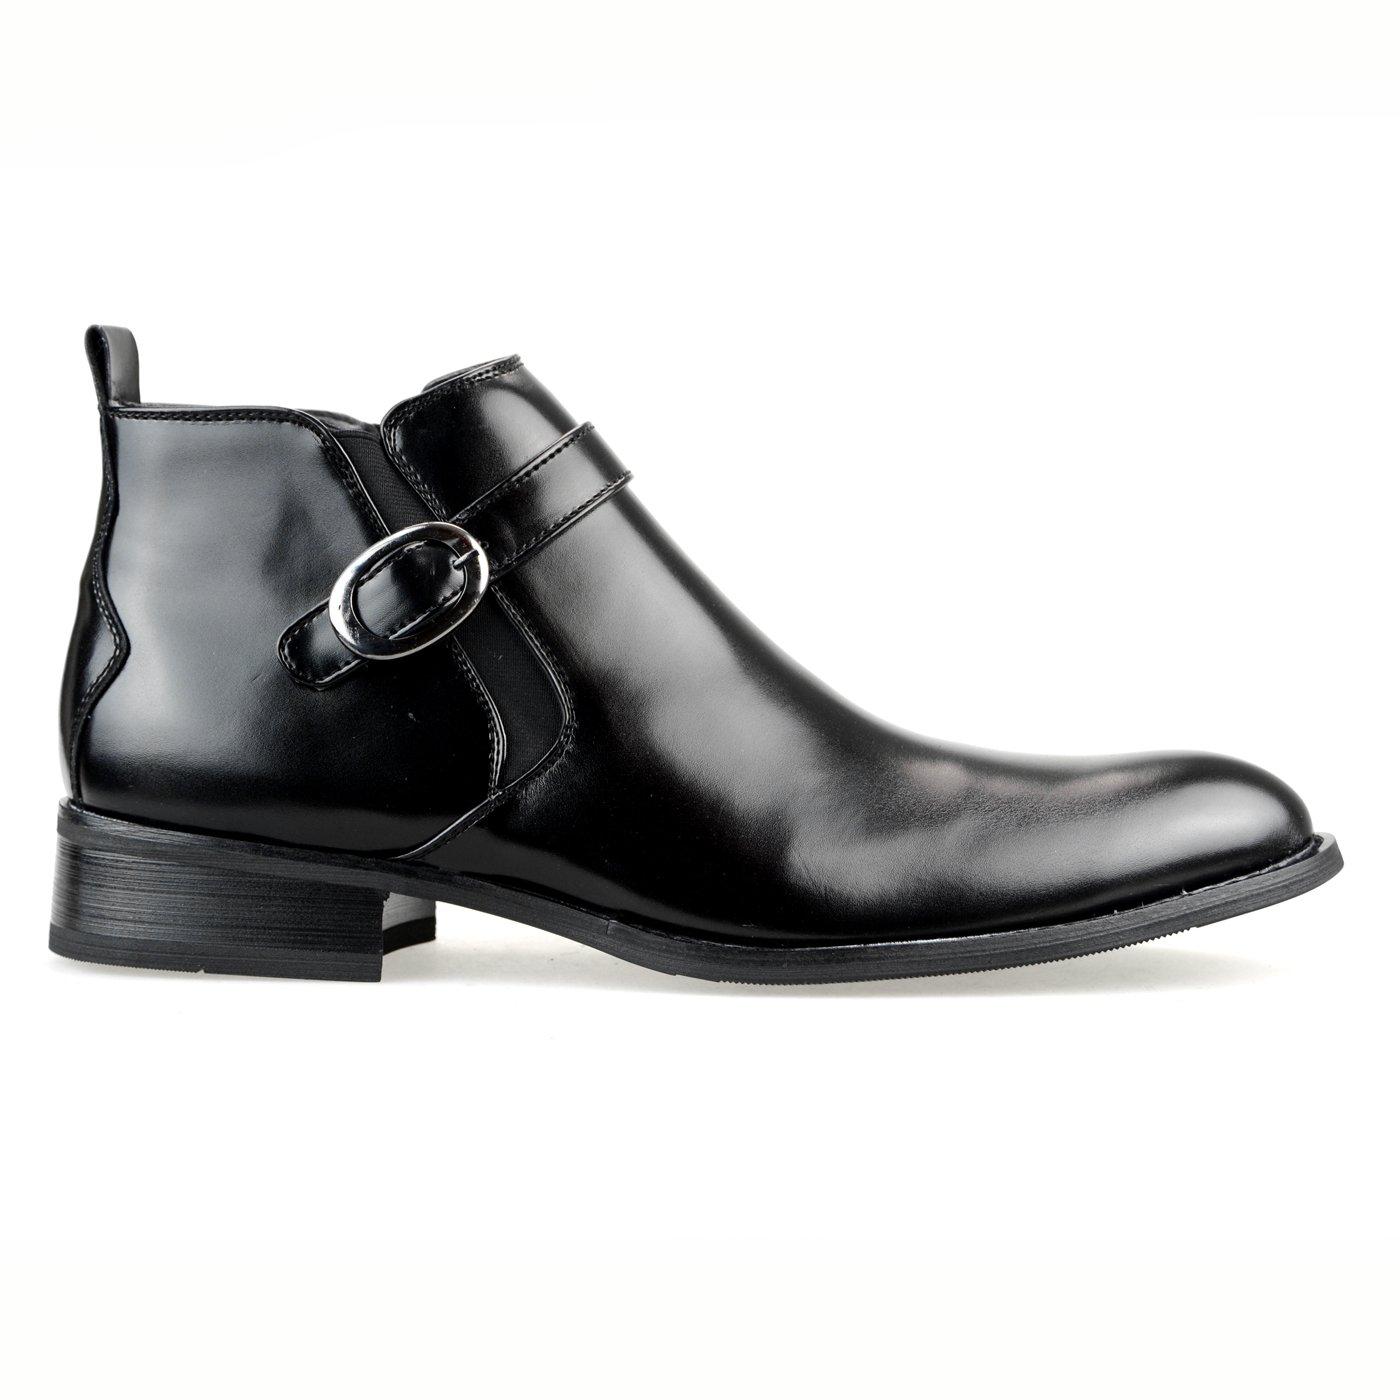 【11960円相当】 撥水加工 低反発 45組から選べる2足セット ビジネスシューズ ビジネスブーツ ショートブーツ ビジネス メンズ 靴 紳士靴 福袋 2018 [ エムエムワン ] MM/ONE 【AZF30B】 B01G6CNXCW 25.5 cm 3E|Cブラック+Cダークブラウン Cブラック+Cダークブラウン 25.5 cm 3E